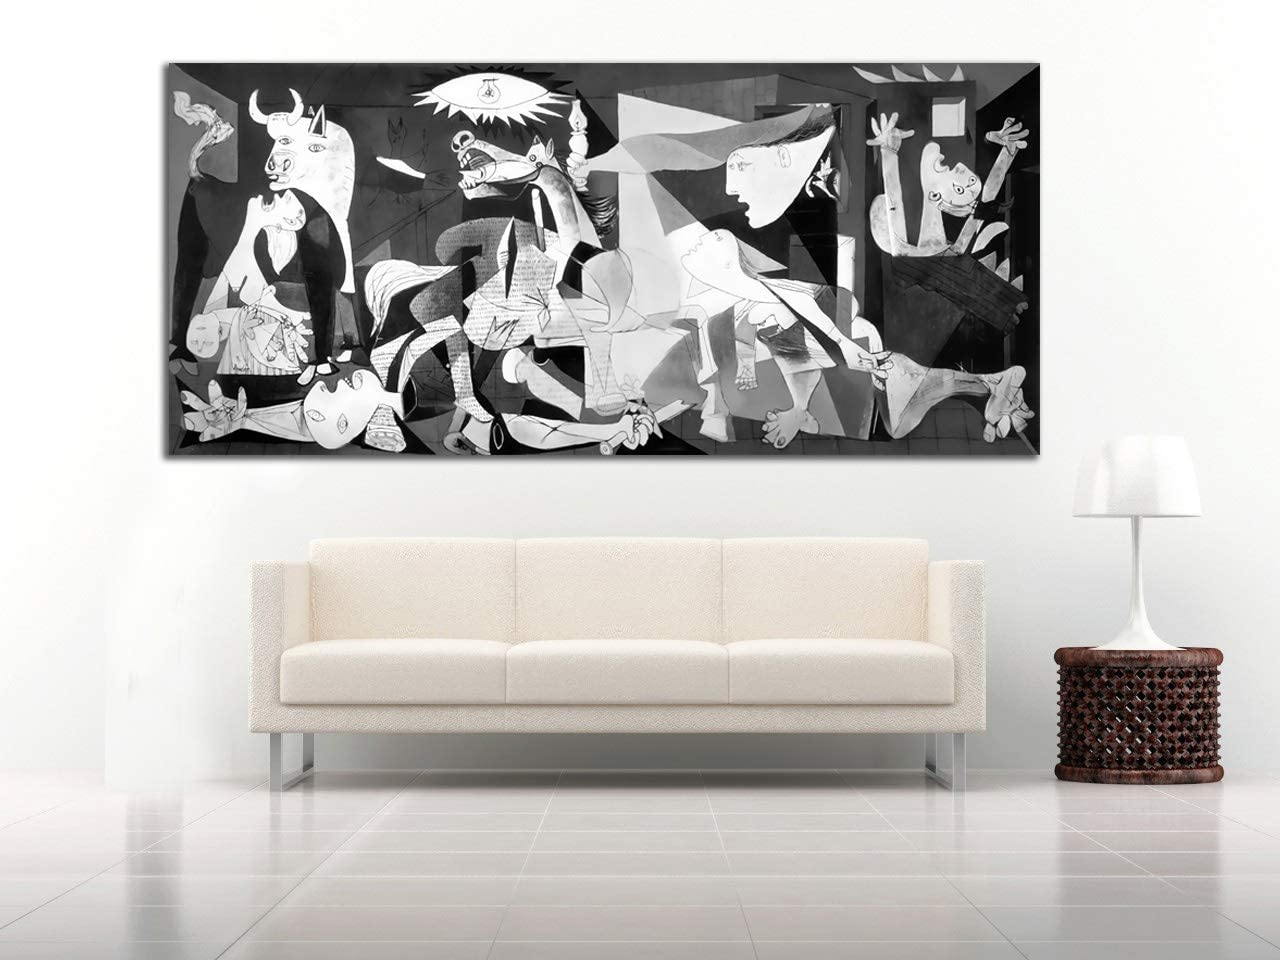 Cuadro Lienzo Guernica Picasso 67x150 cm- Lienzo de Tela Bastidor de Madera de 3 cm - Fabricado en España - Varias Medidas - Impresión en Alta resolución